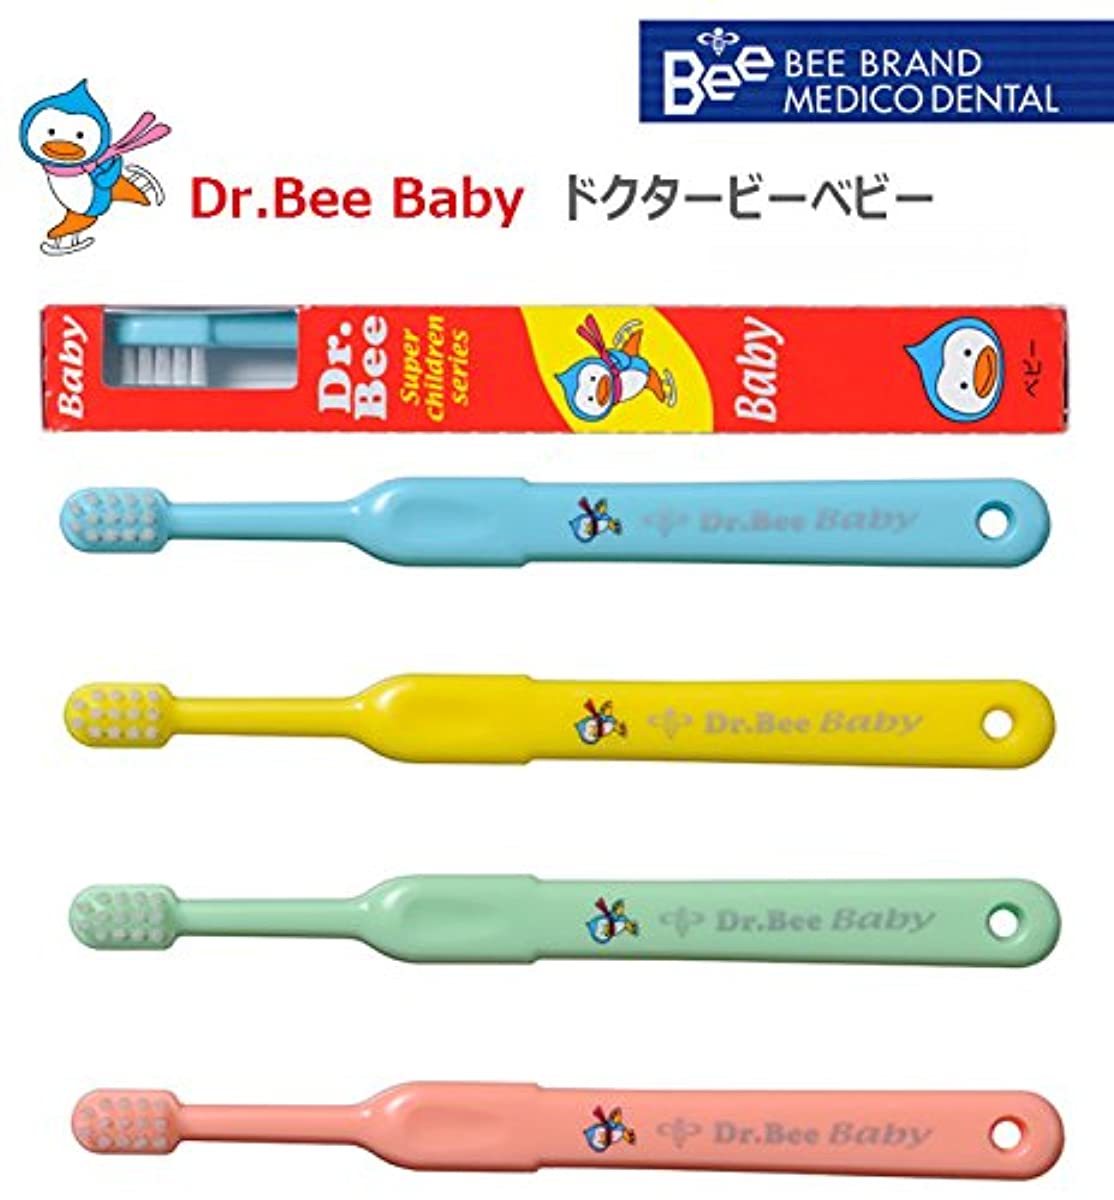 むしゃむしゃ意気揚々ジュースビーブランド ドクタービー Dr.Bee ベビー 4色アソート 20本